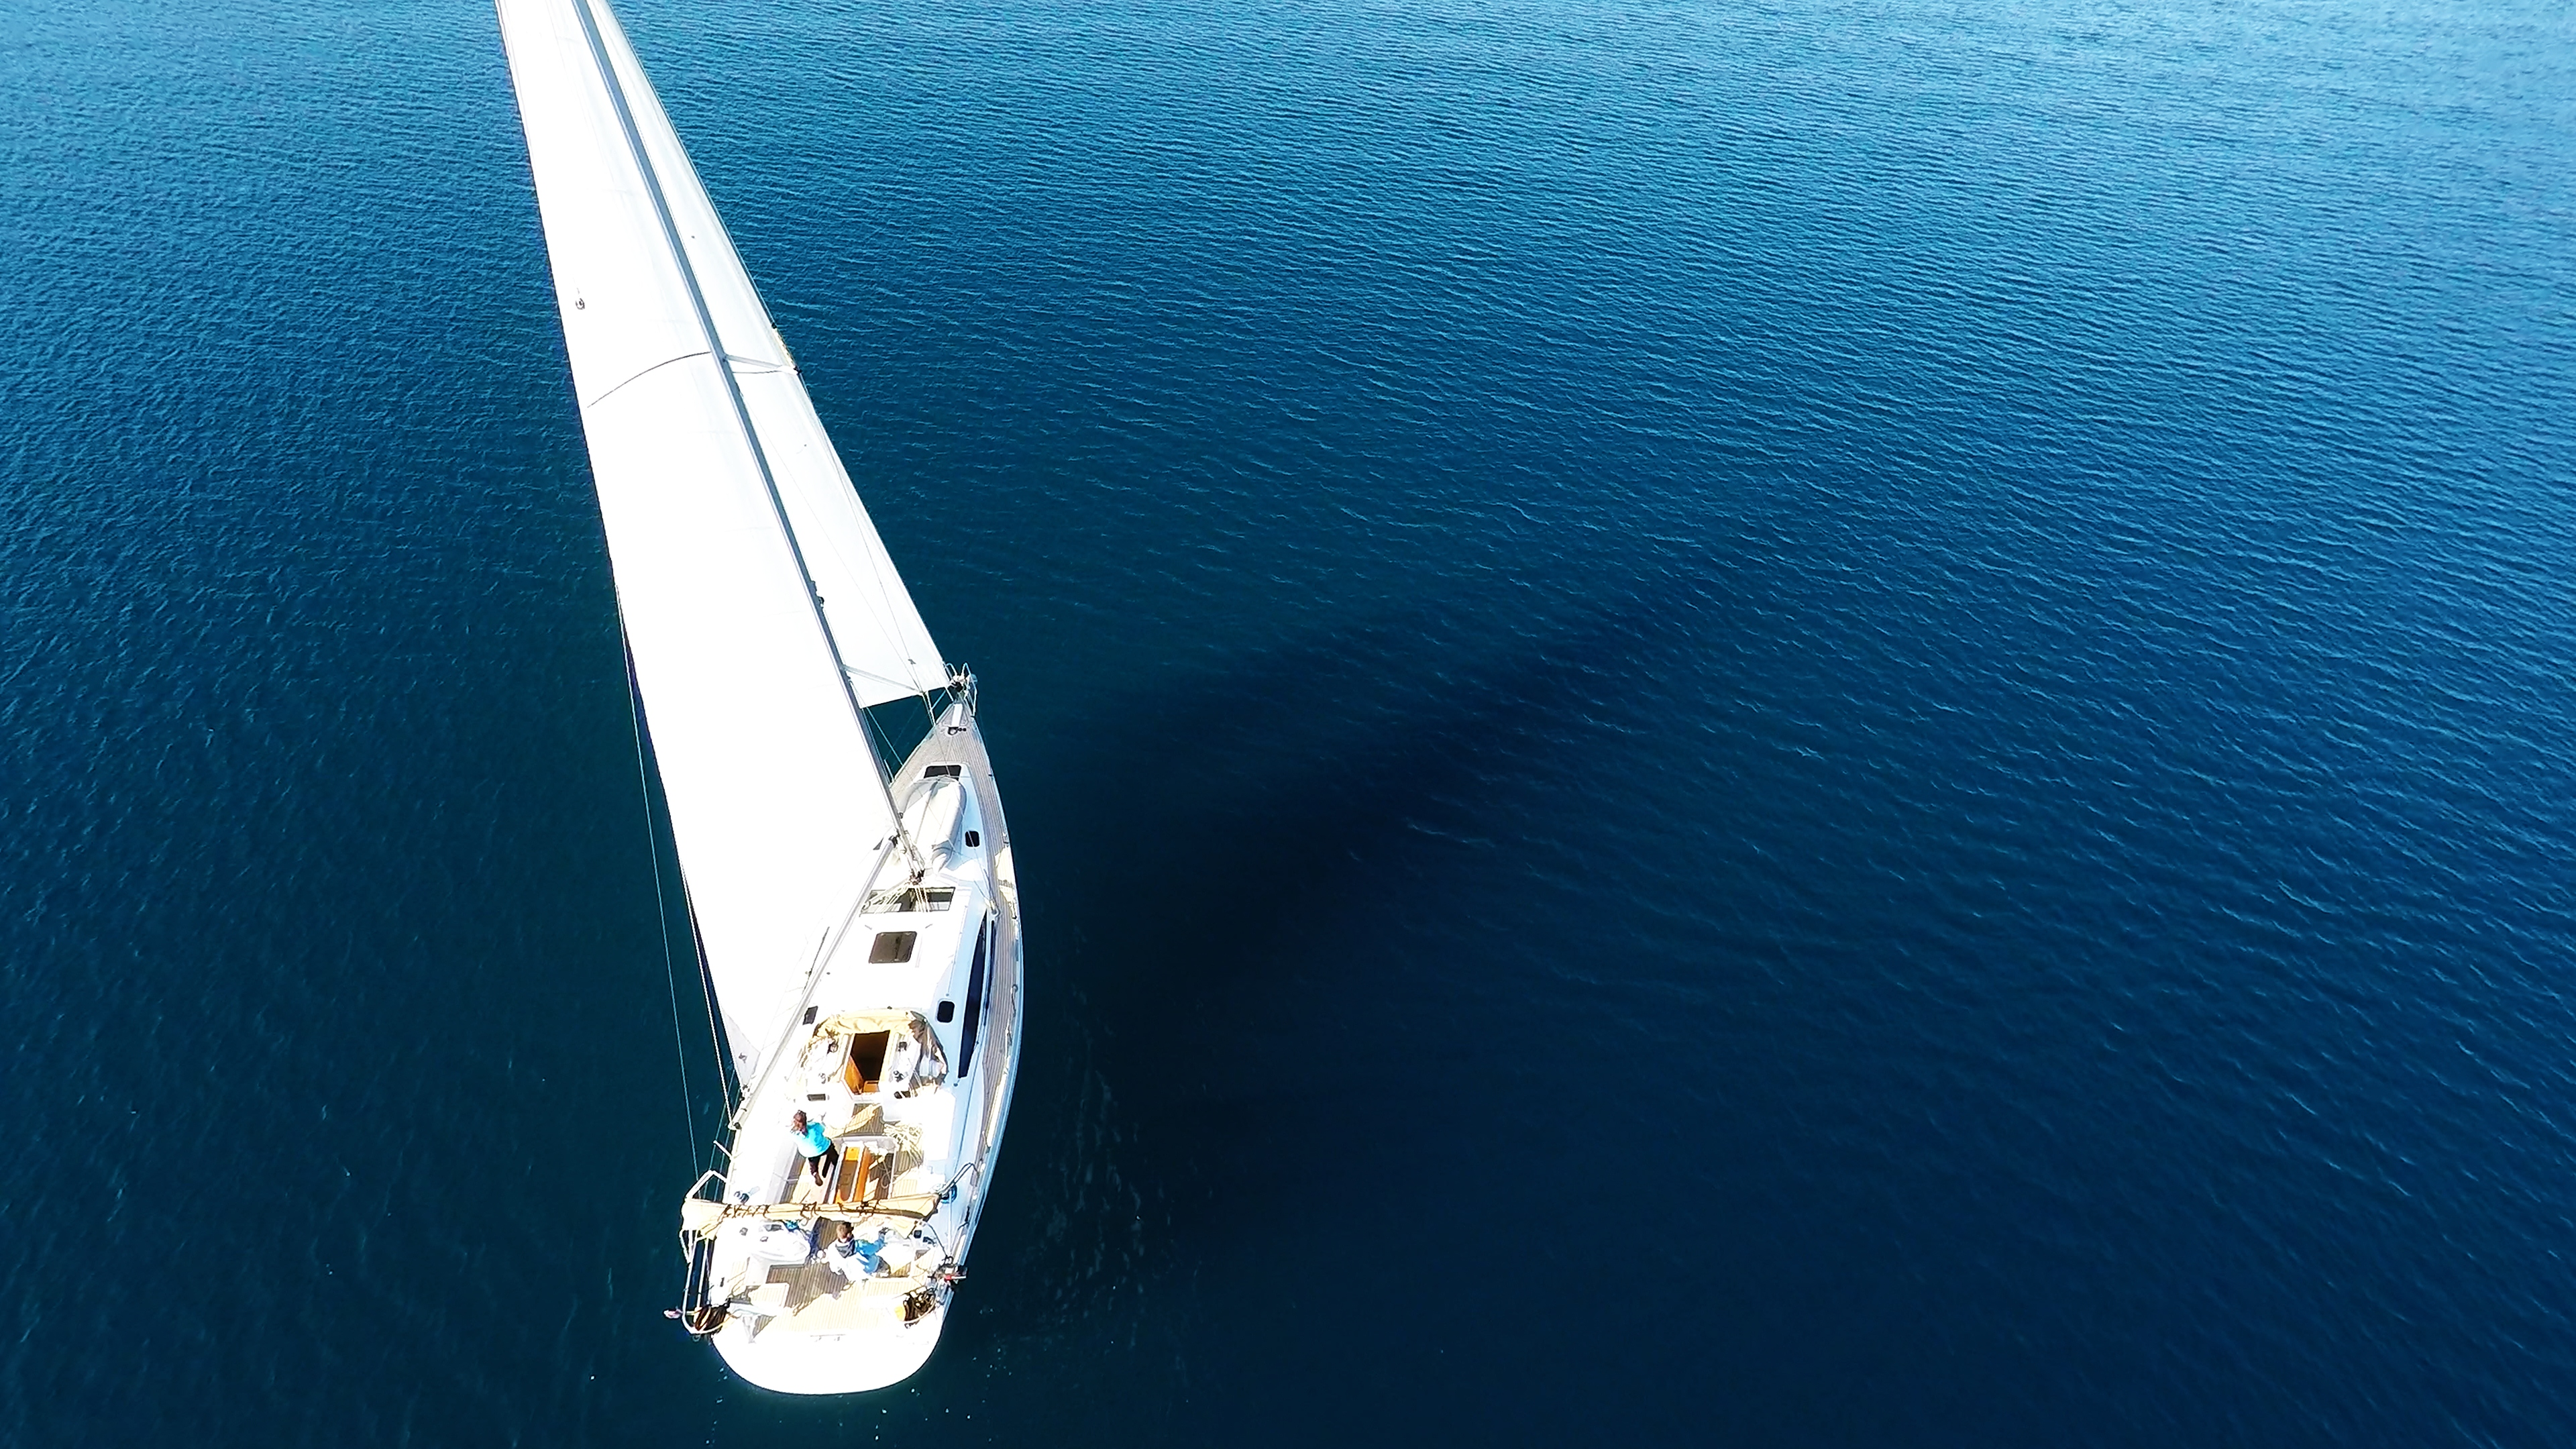 bateau à voile elan 45 voilier mer bleue voile